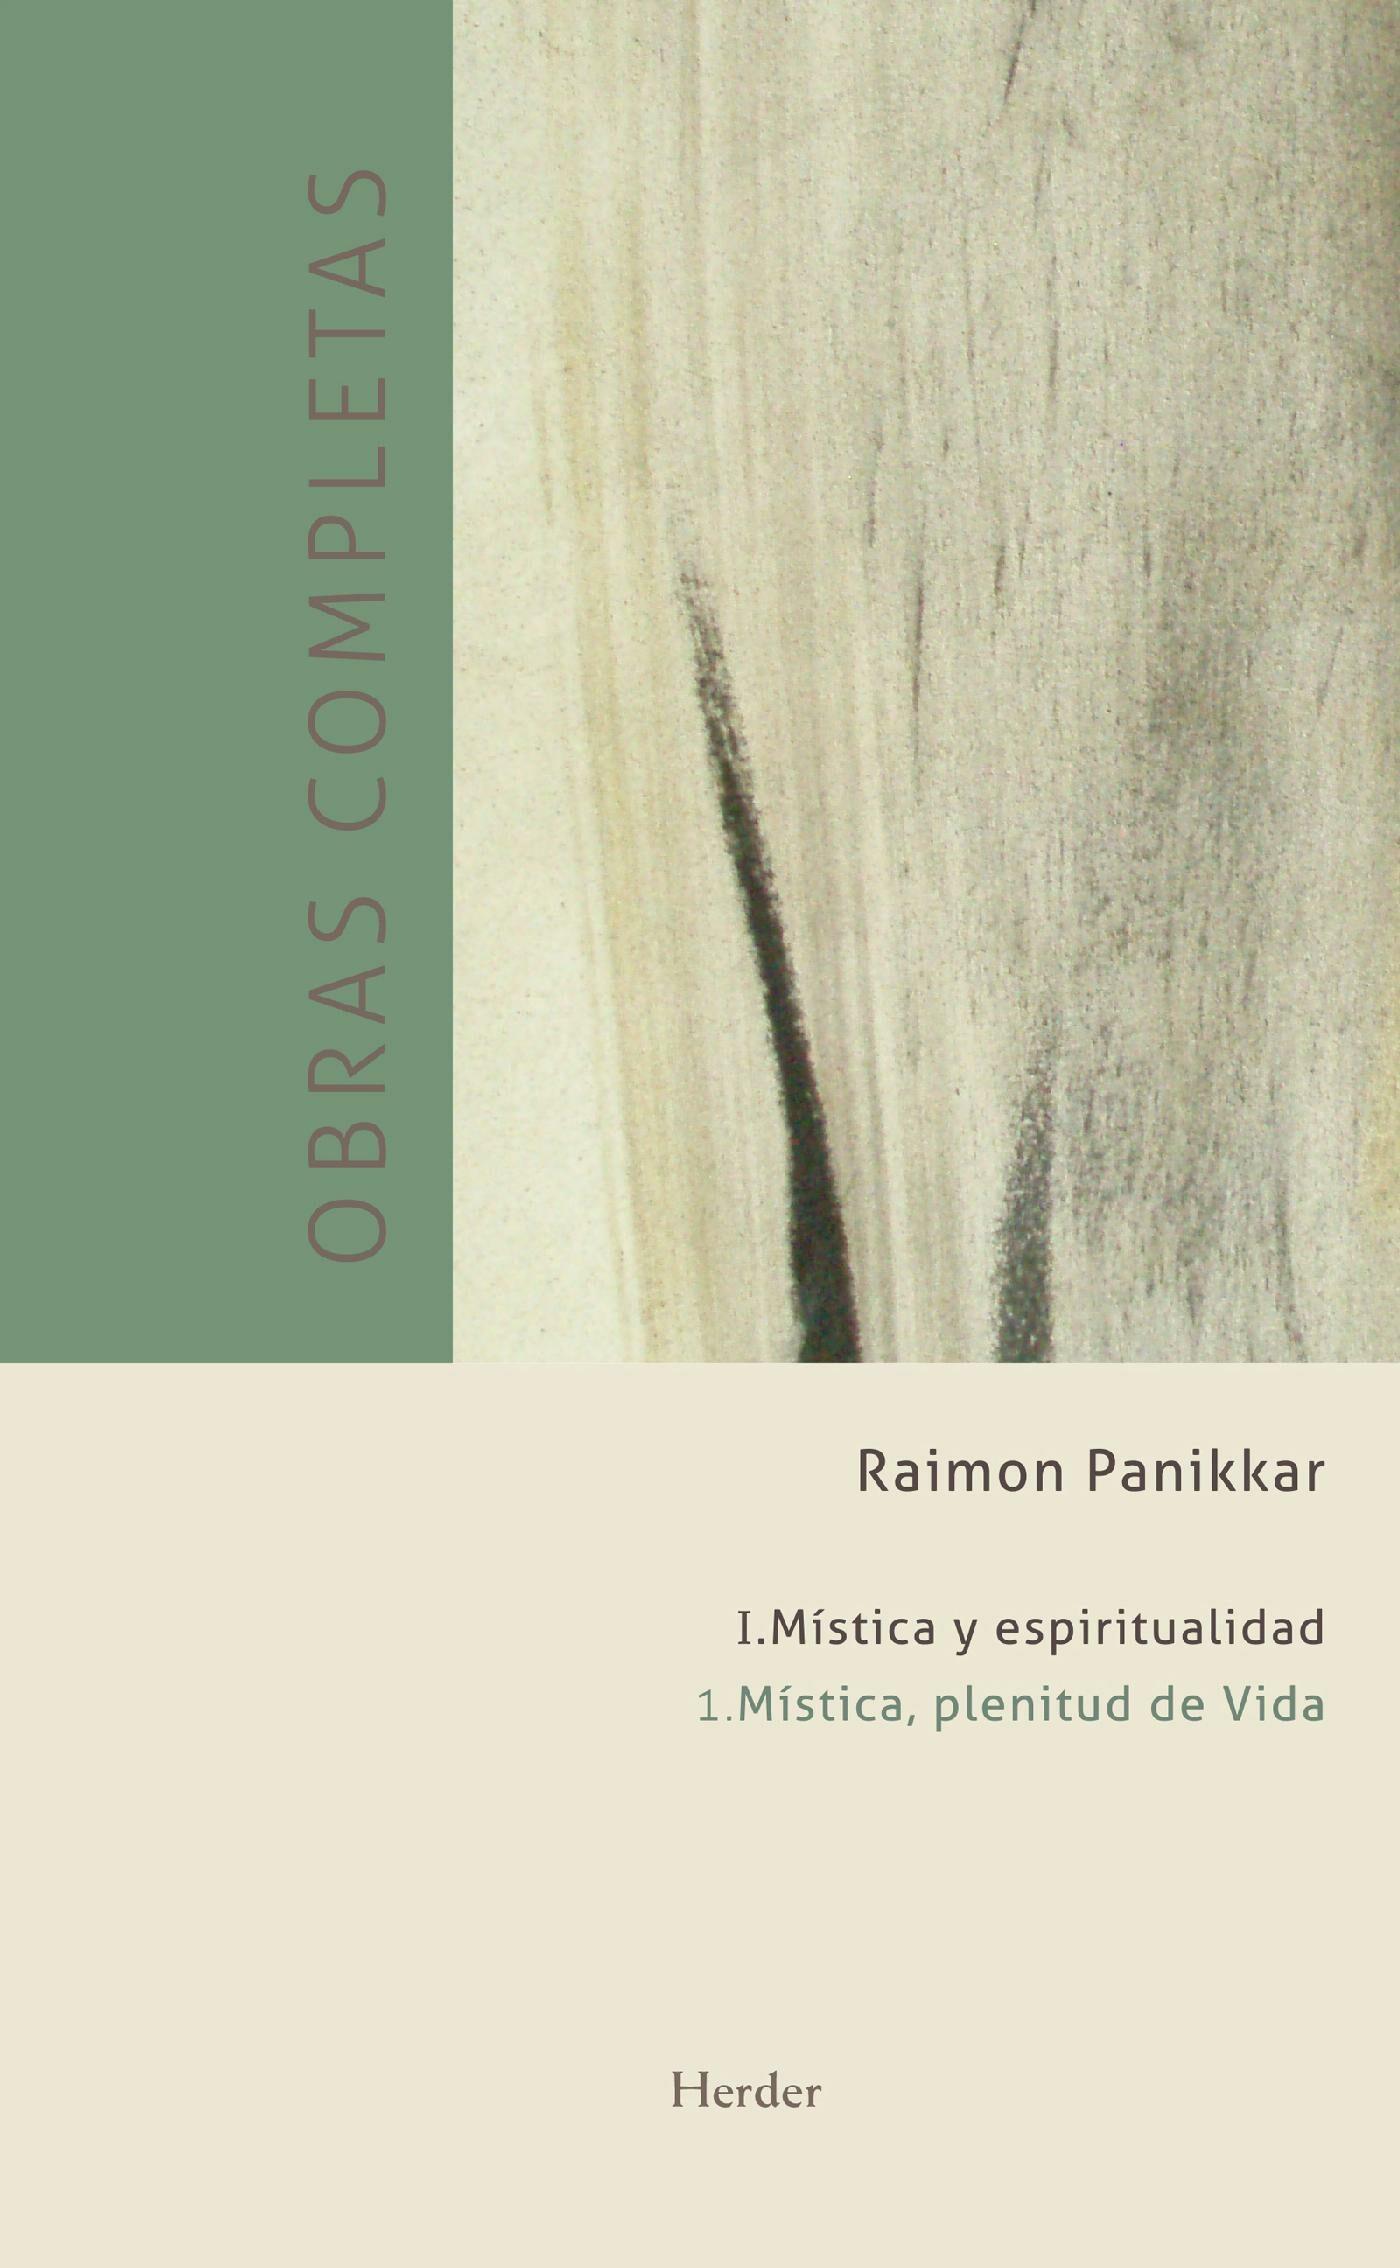 Obras Completas. I.mística Y Espiritualidad   por Raimon Panikkar